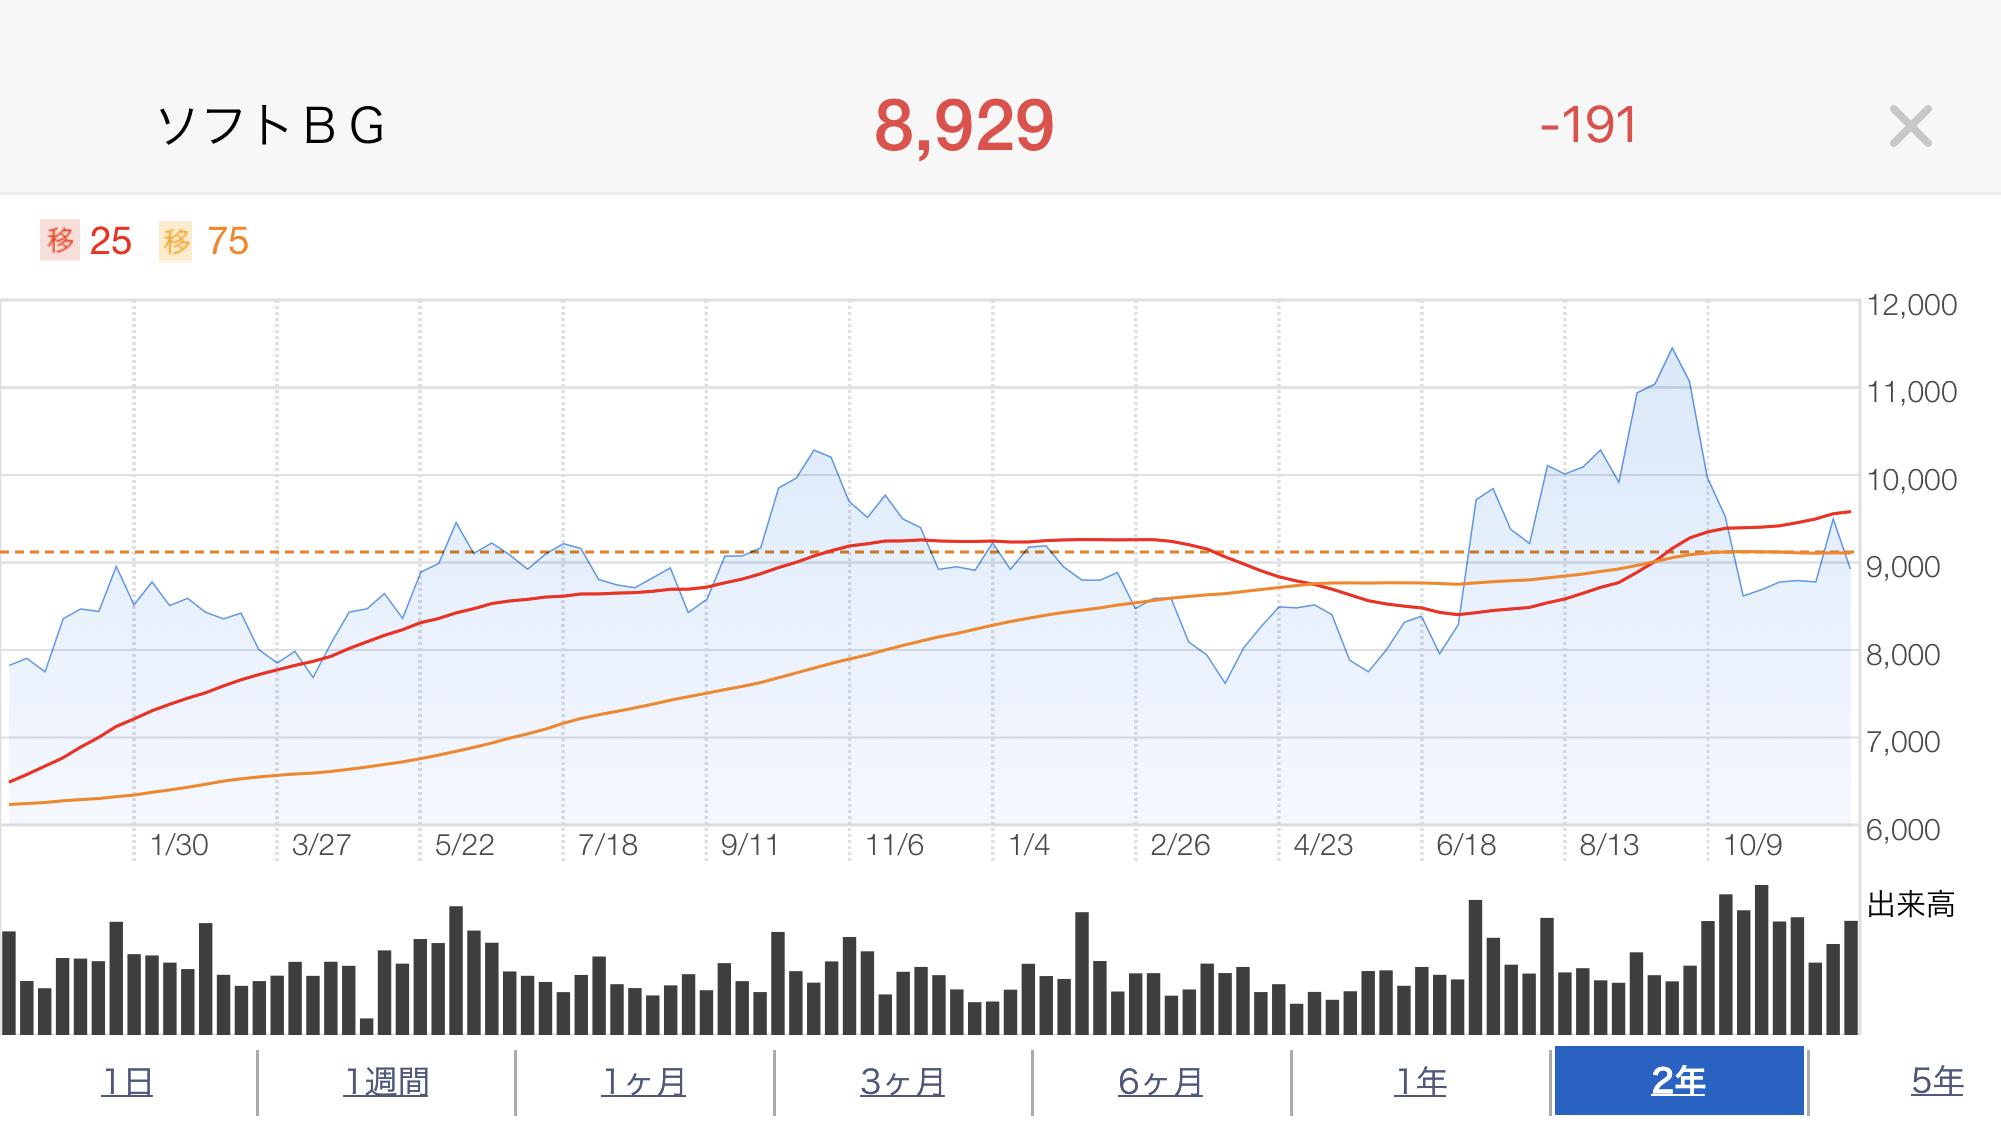 ソフトバンク株価推移